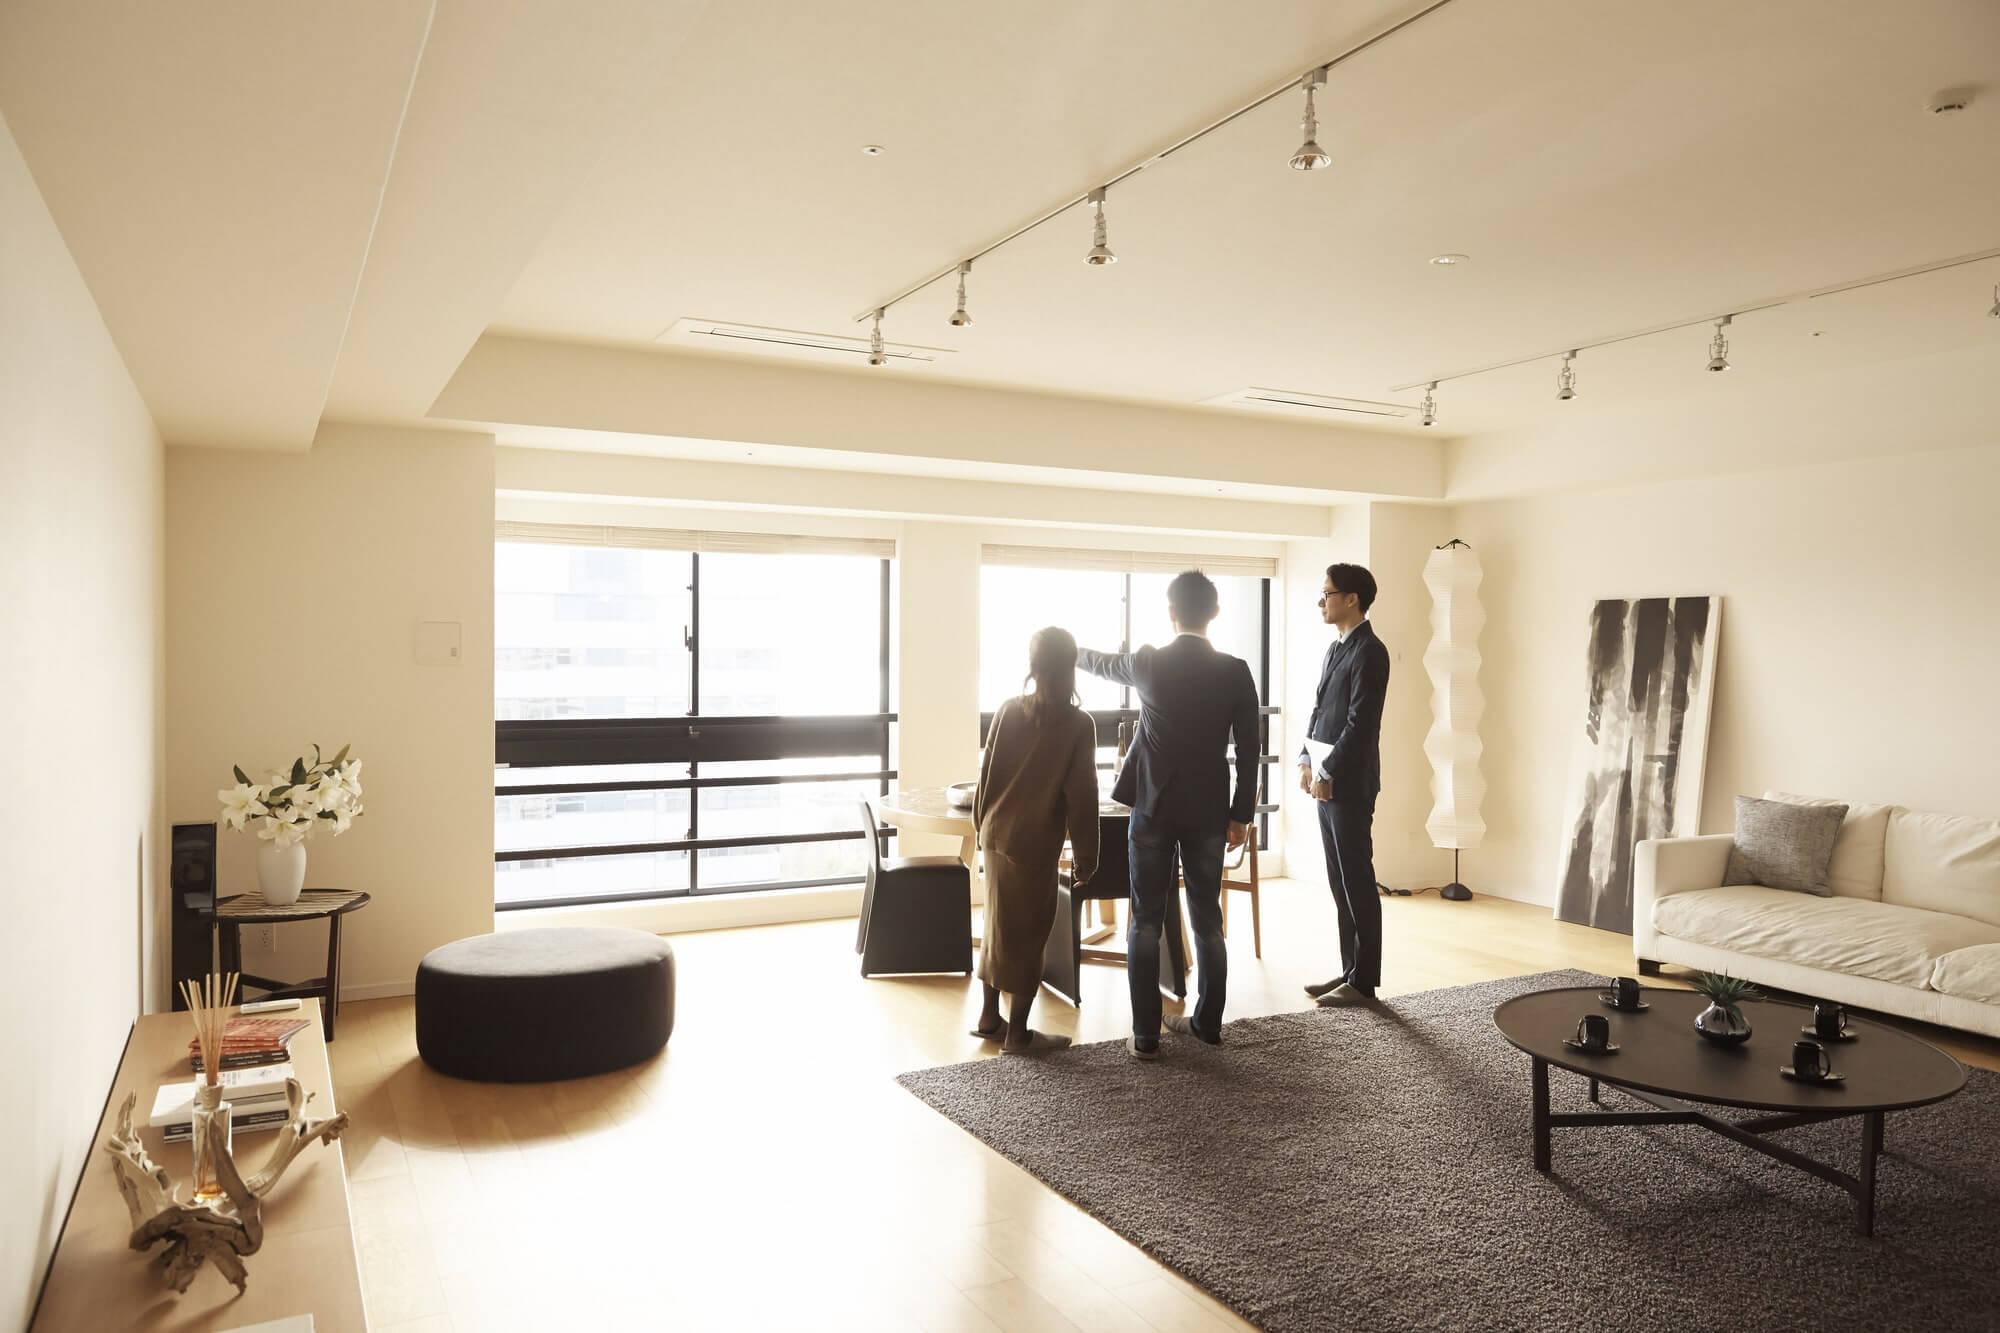 マンション売却のポイント | 手順・税金・相場・査定額UPのコツ